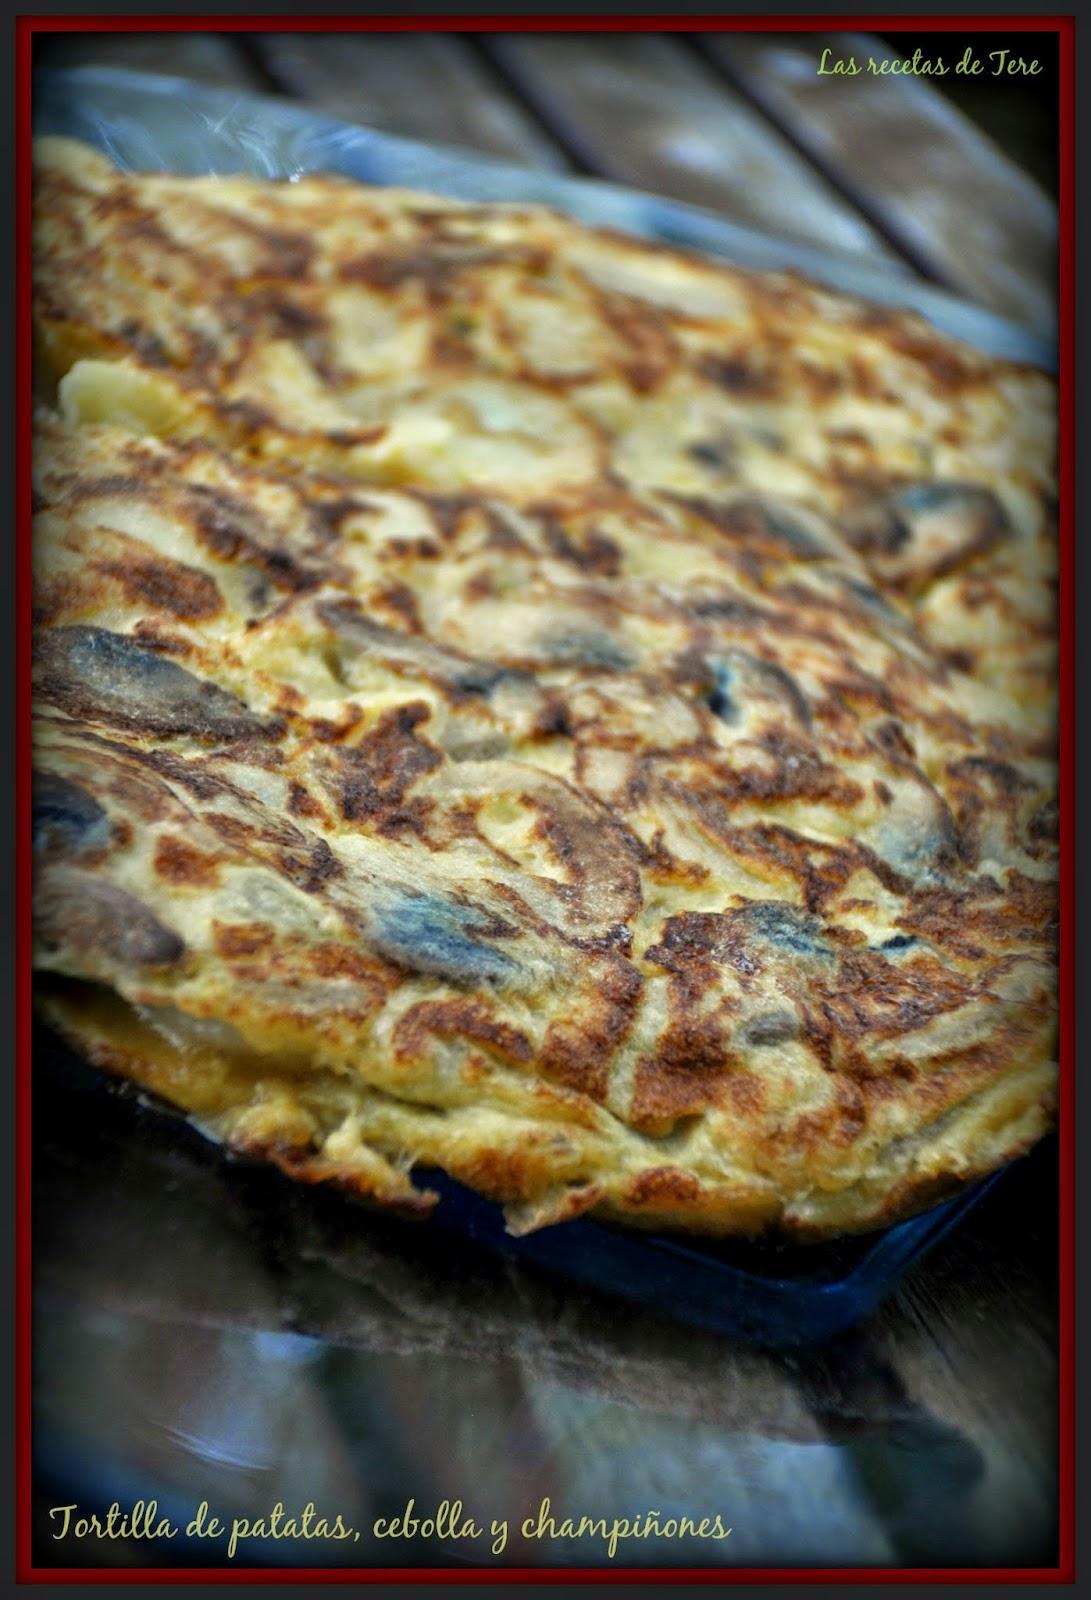 Tortilla de patatas, cebolla y champiñones 08